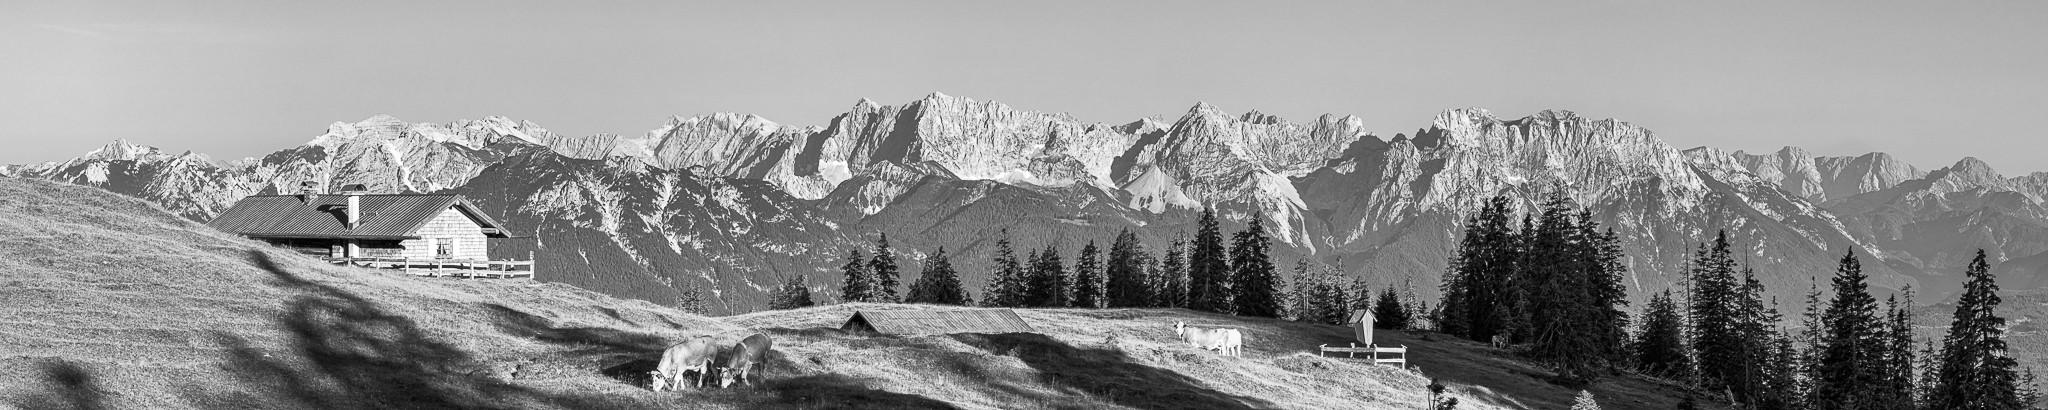 Blick ins Karwendel - Almwiese Krüner Alm - schwarz weiß